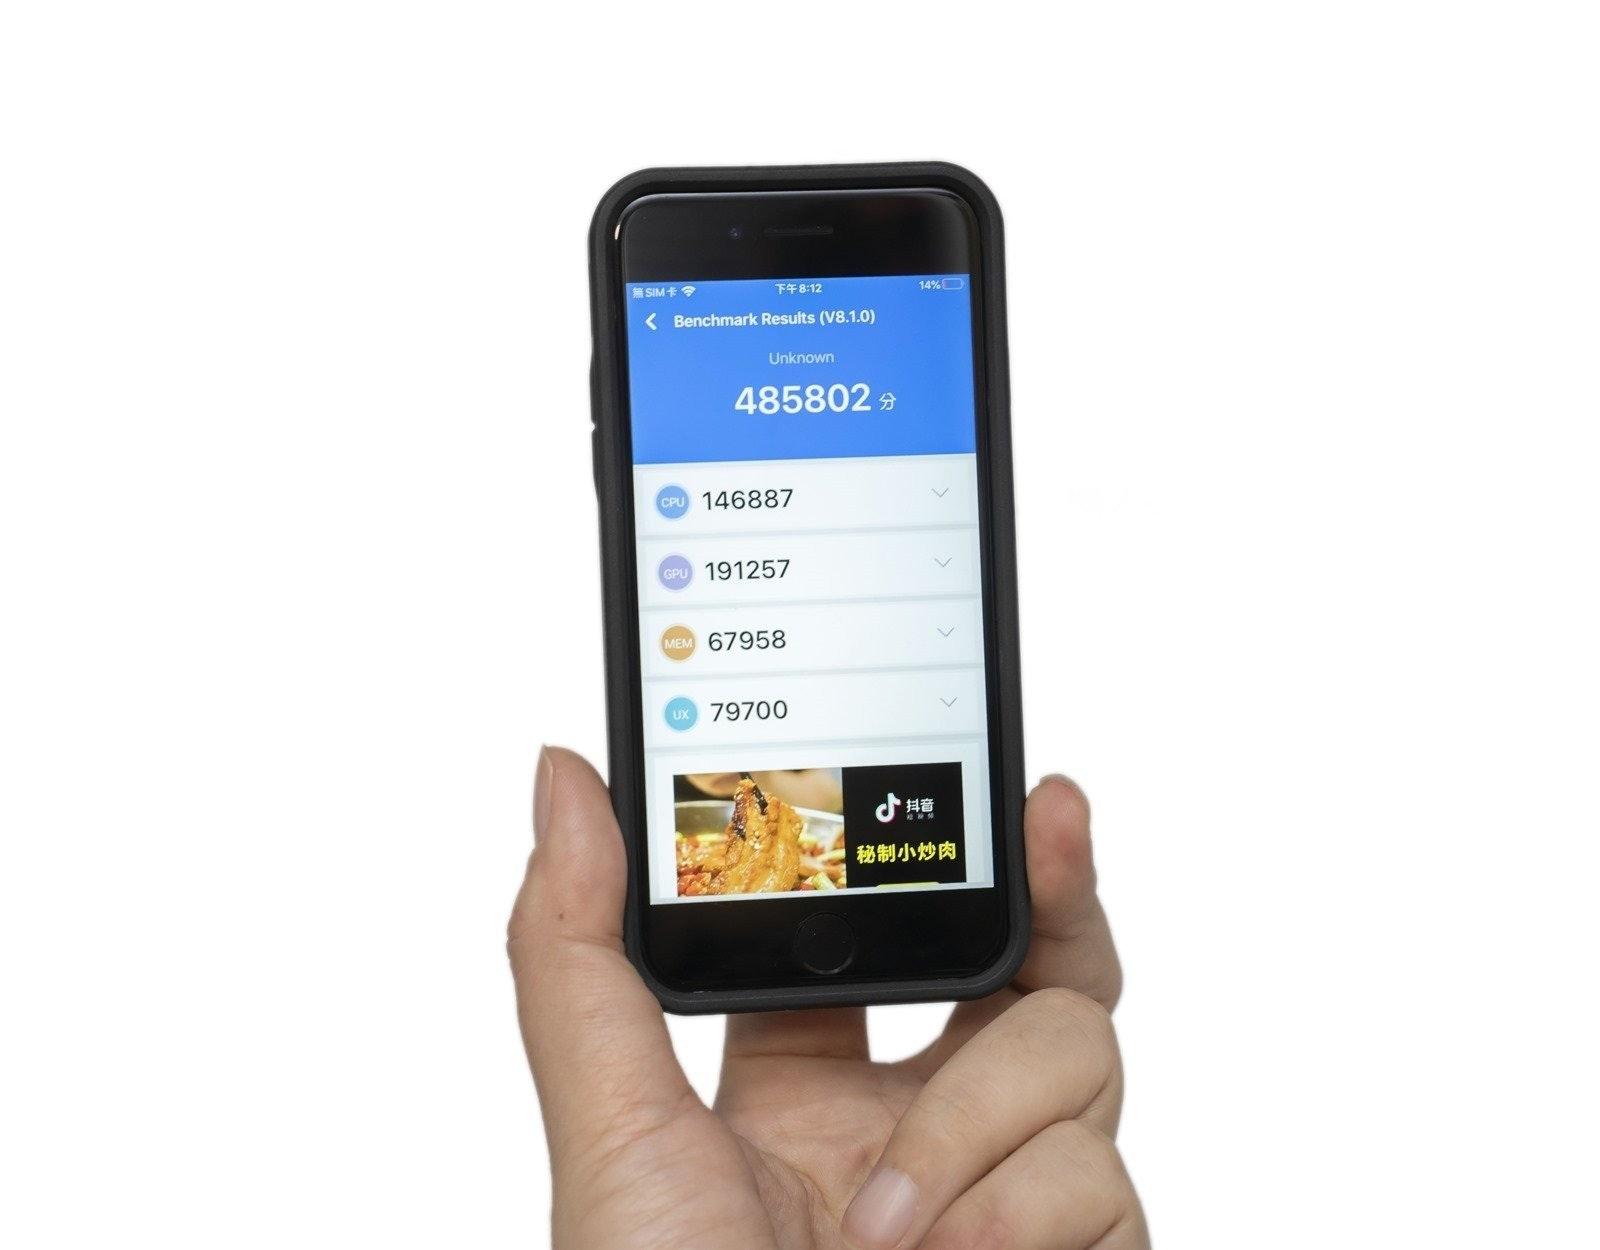 照片中提到了SIM E?、下午8:12、14%O,包含了功能手機、功能手機、手機、移動設備、蜂窩網絡